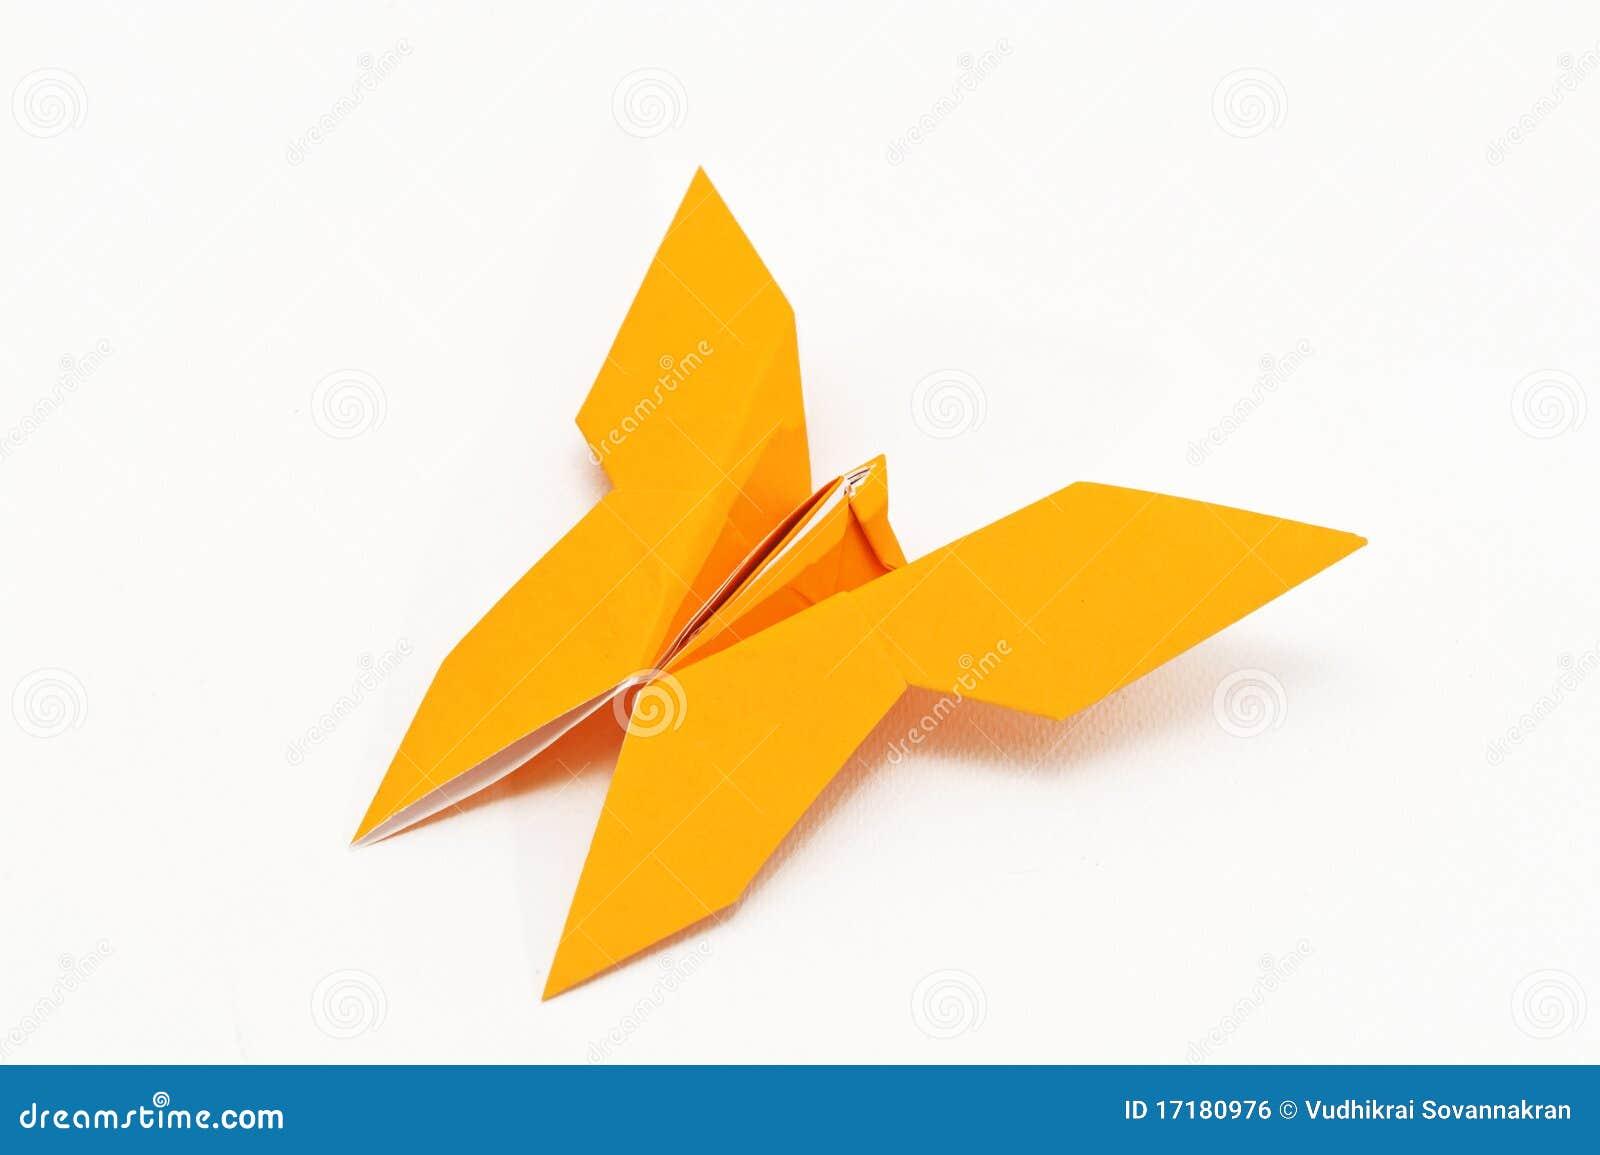 Japanese Origami Royalty Free Stock Image - Image: 17180976 - photo#41